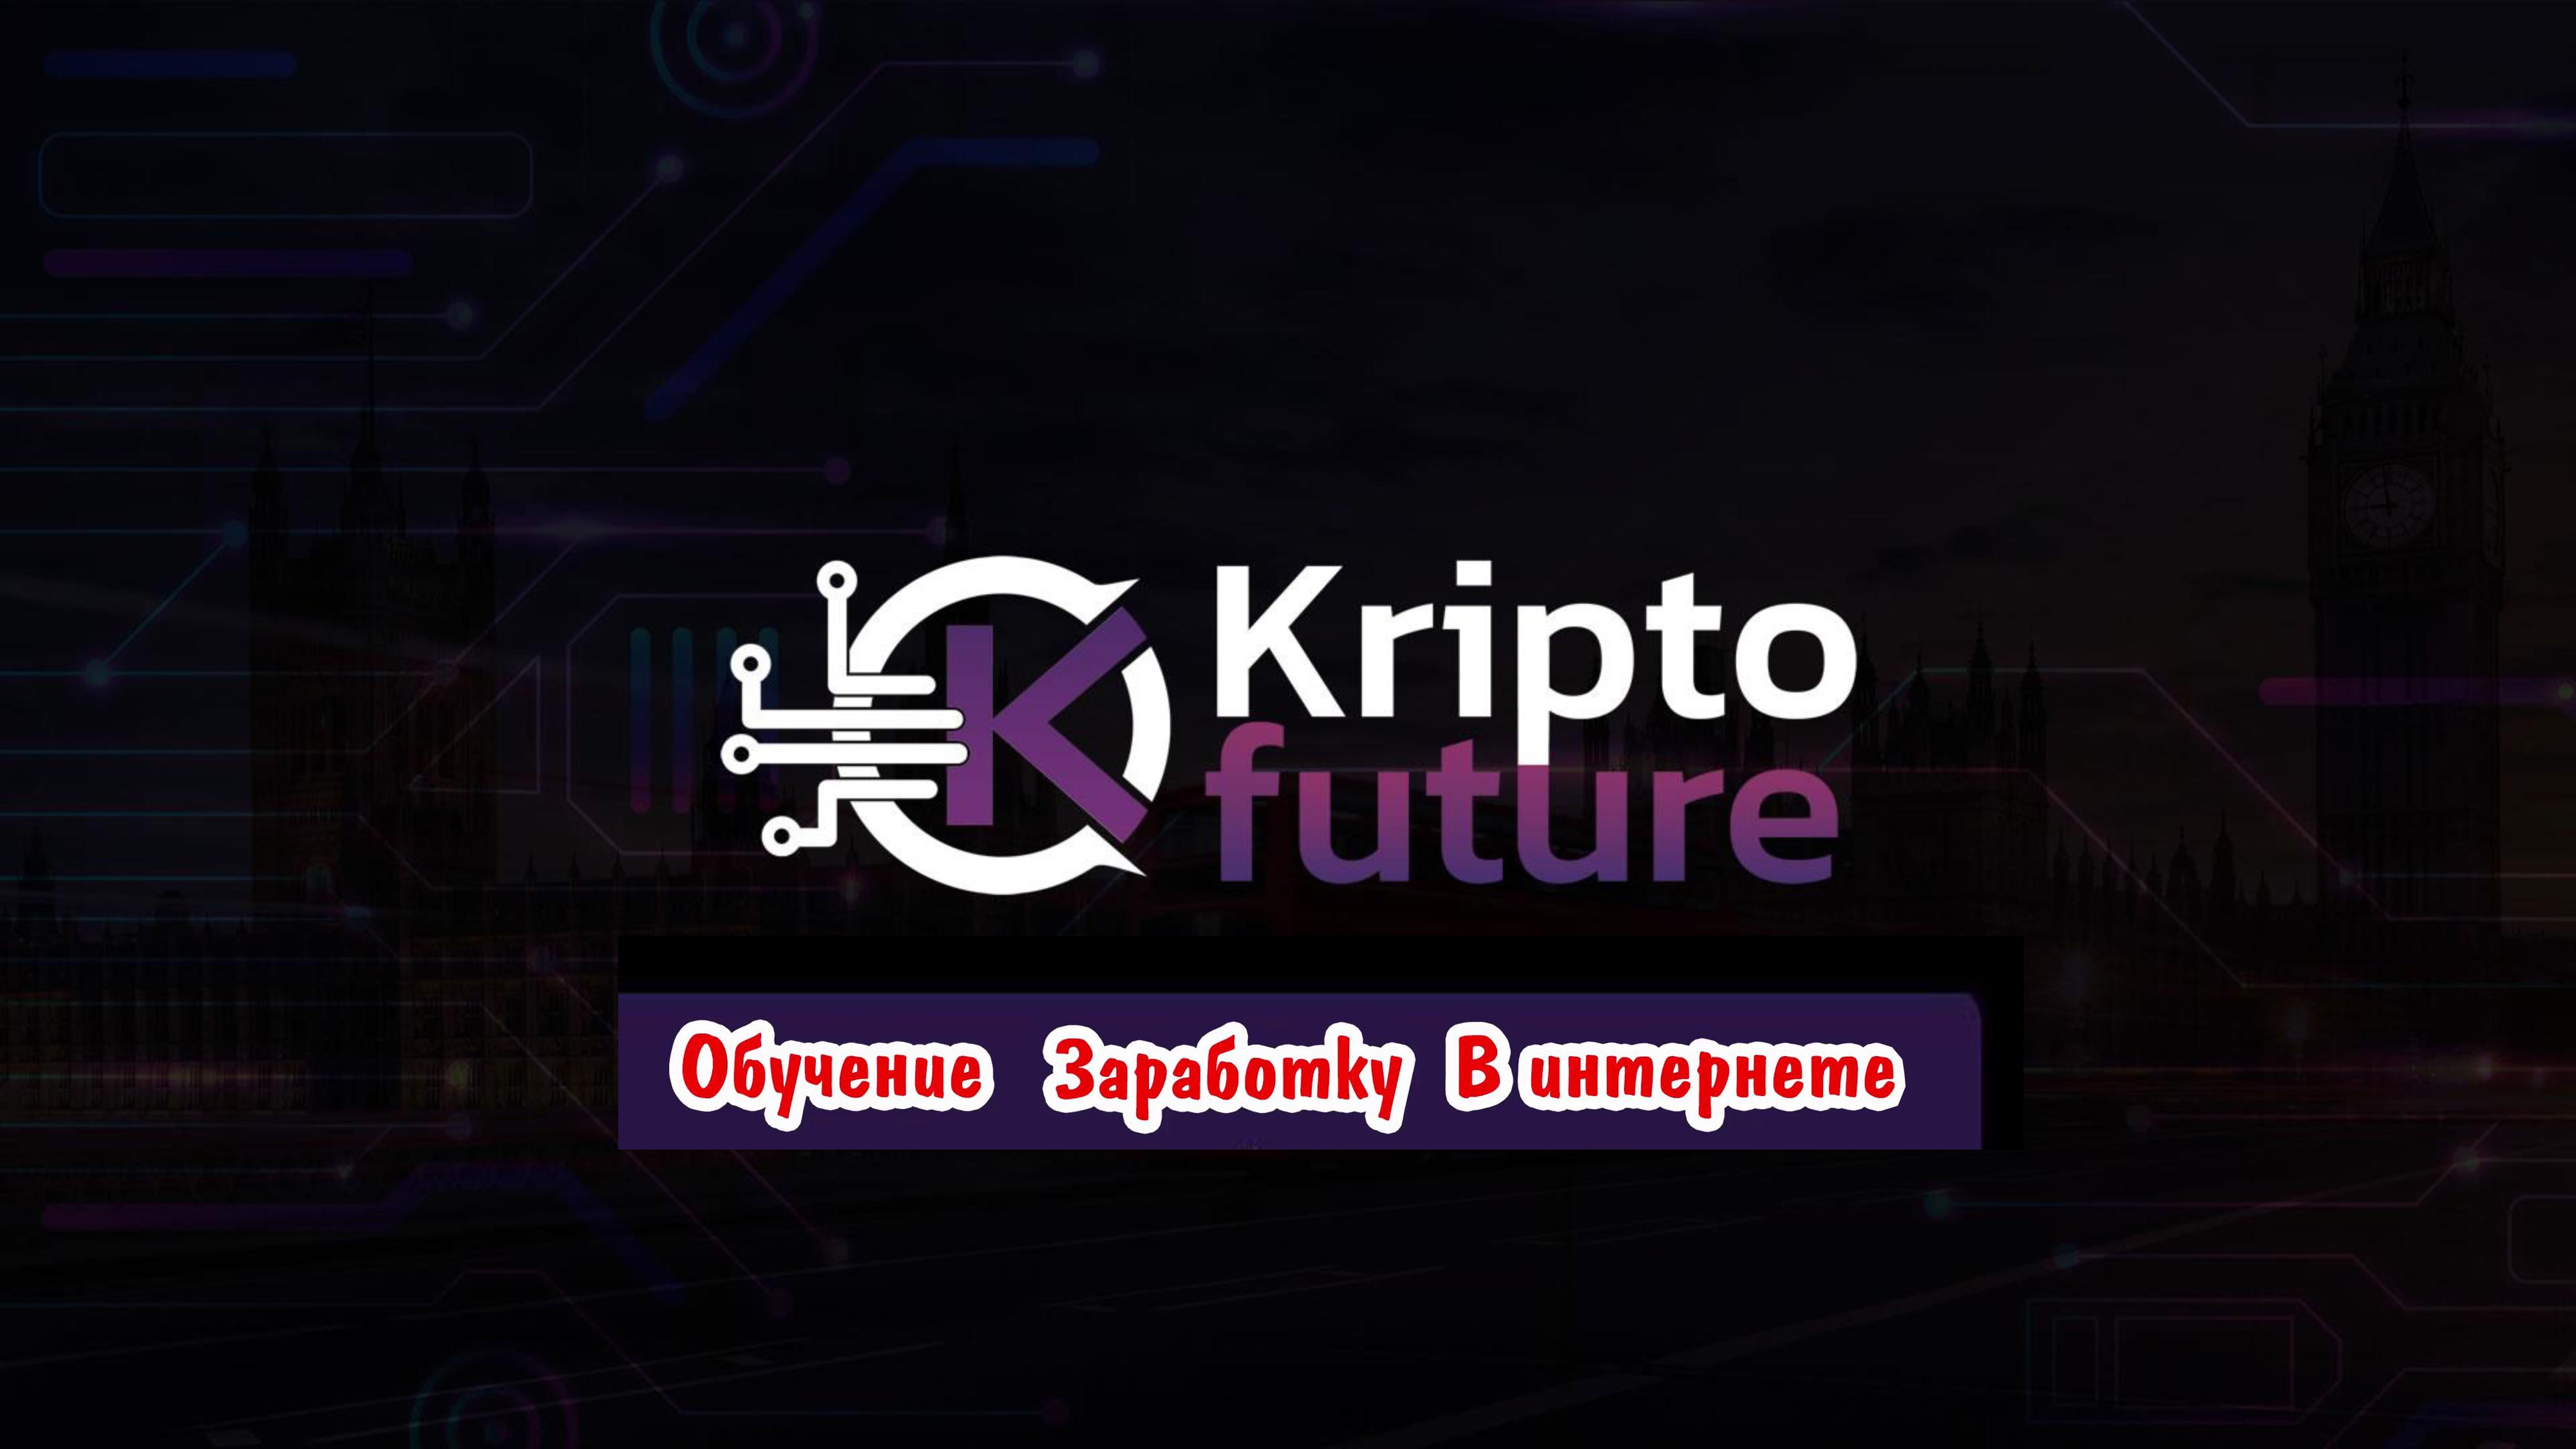 Kripto Future как заработать в новом международном проекте